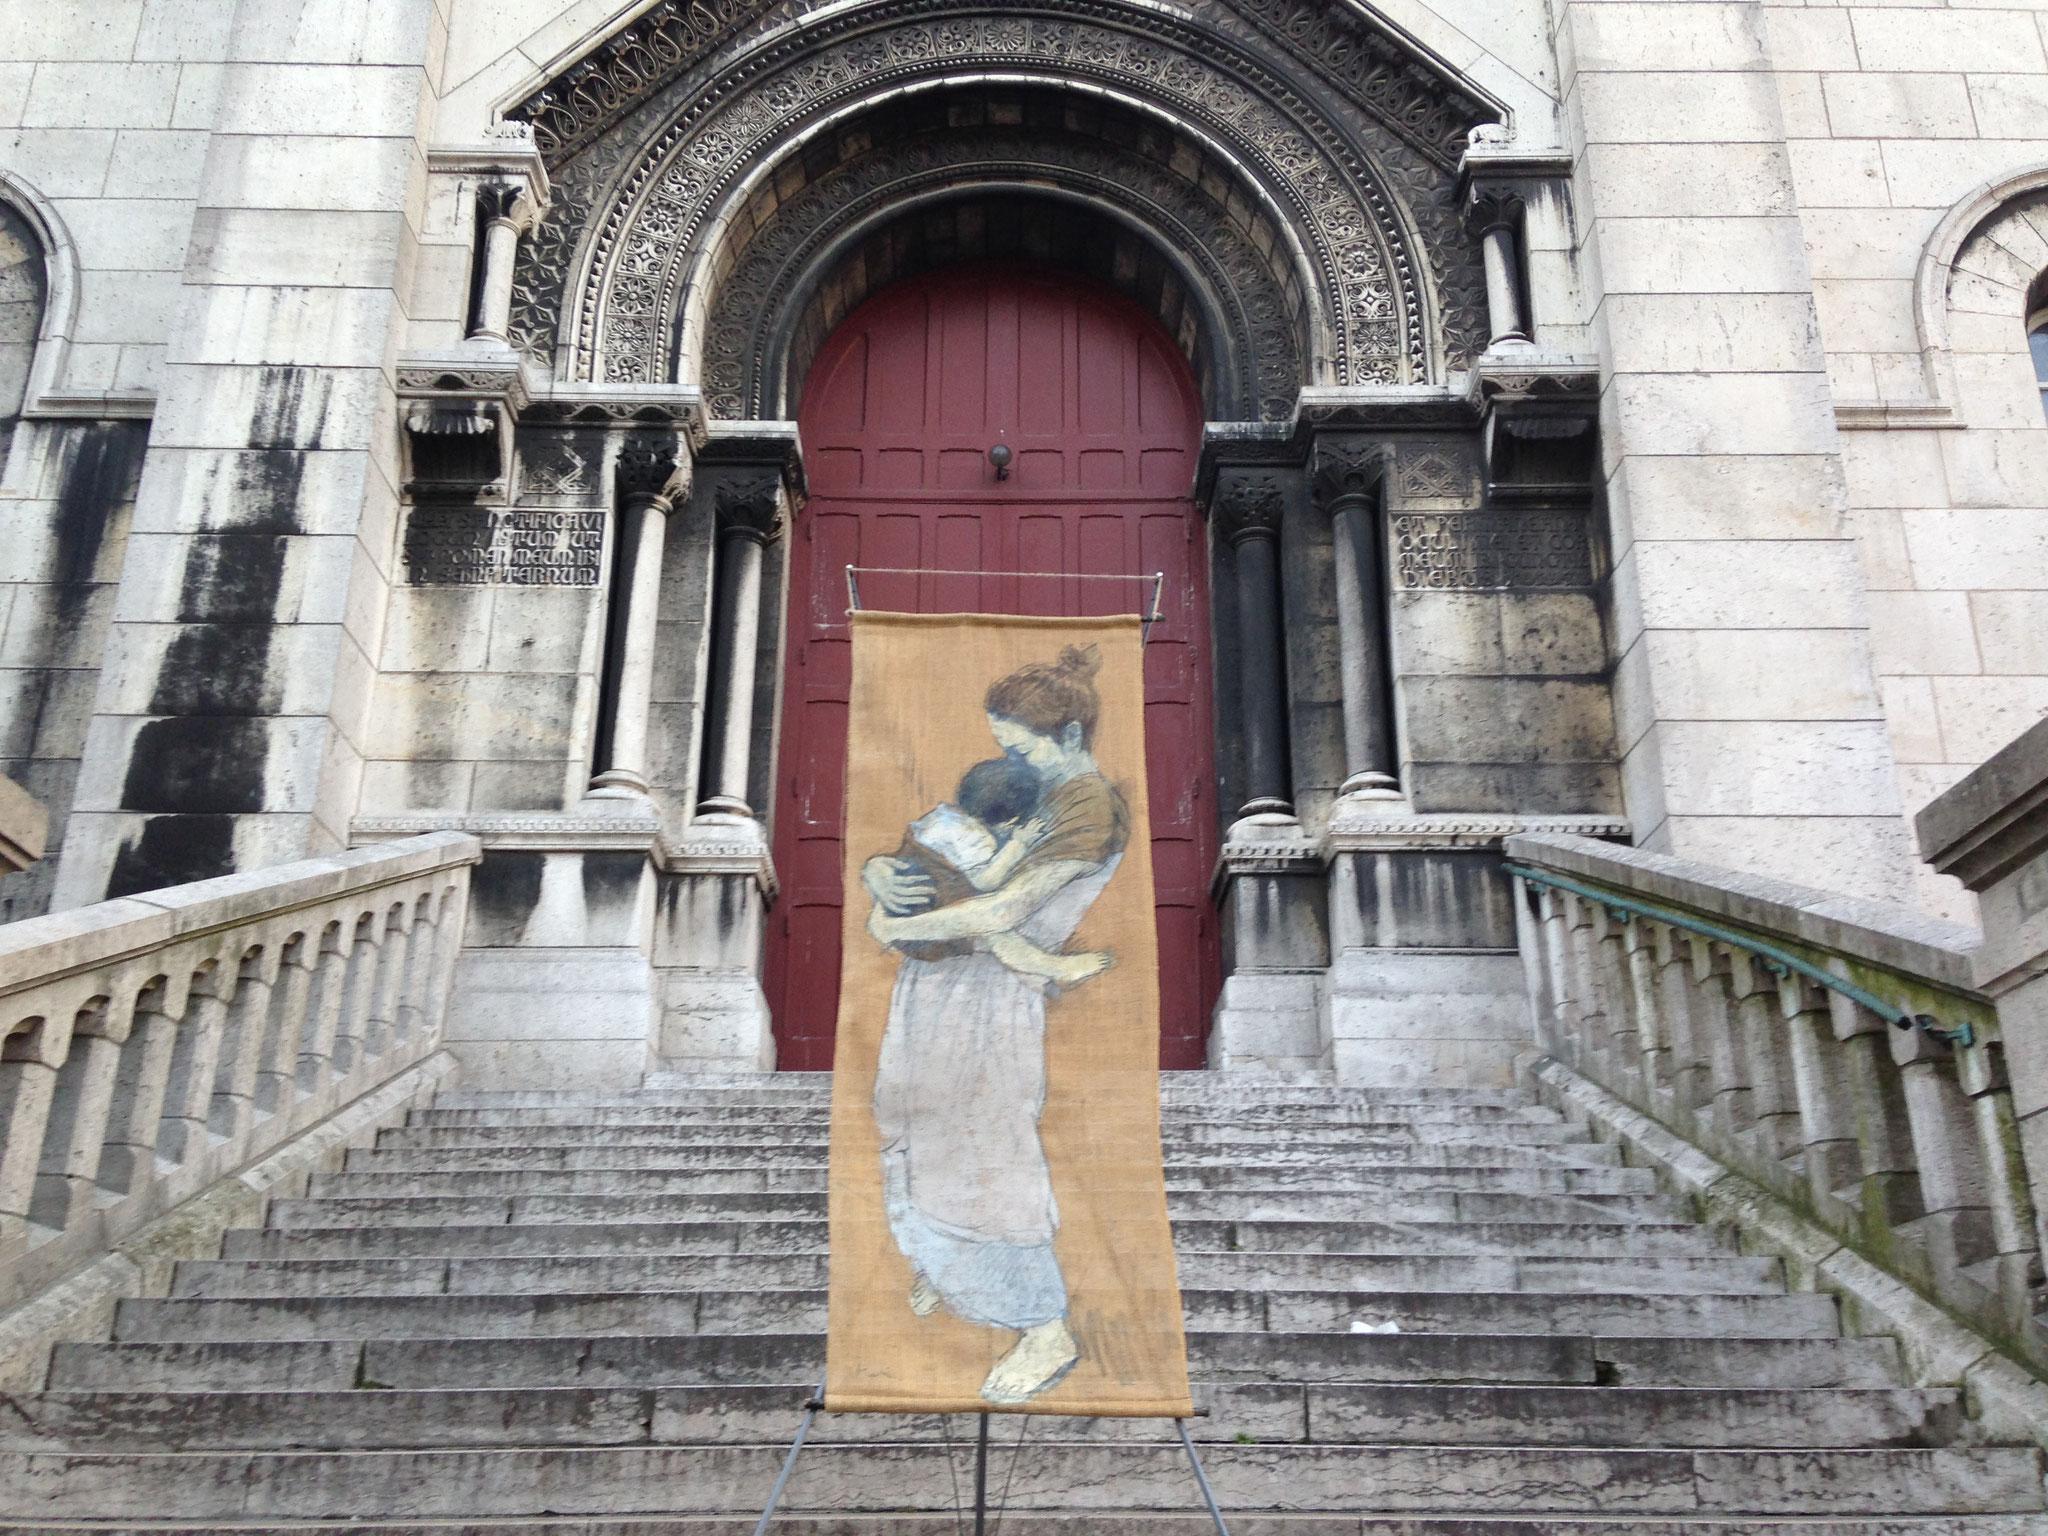 サクレ・クール寺院・モンマルトルの丘 (フランス・パリ) 2014年